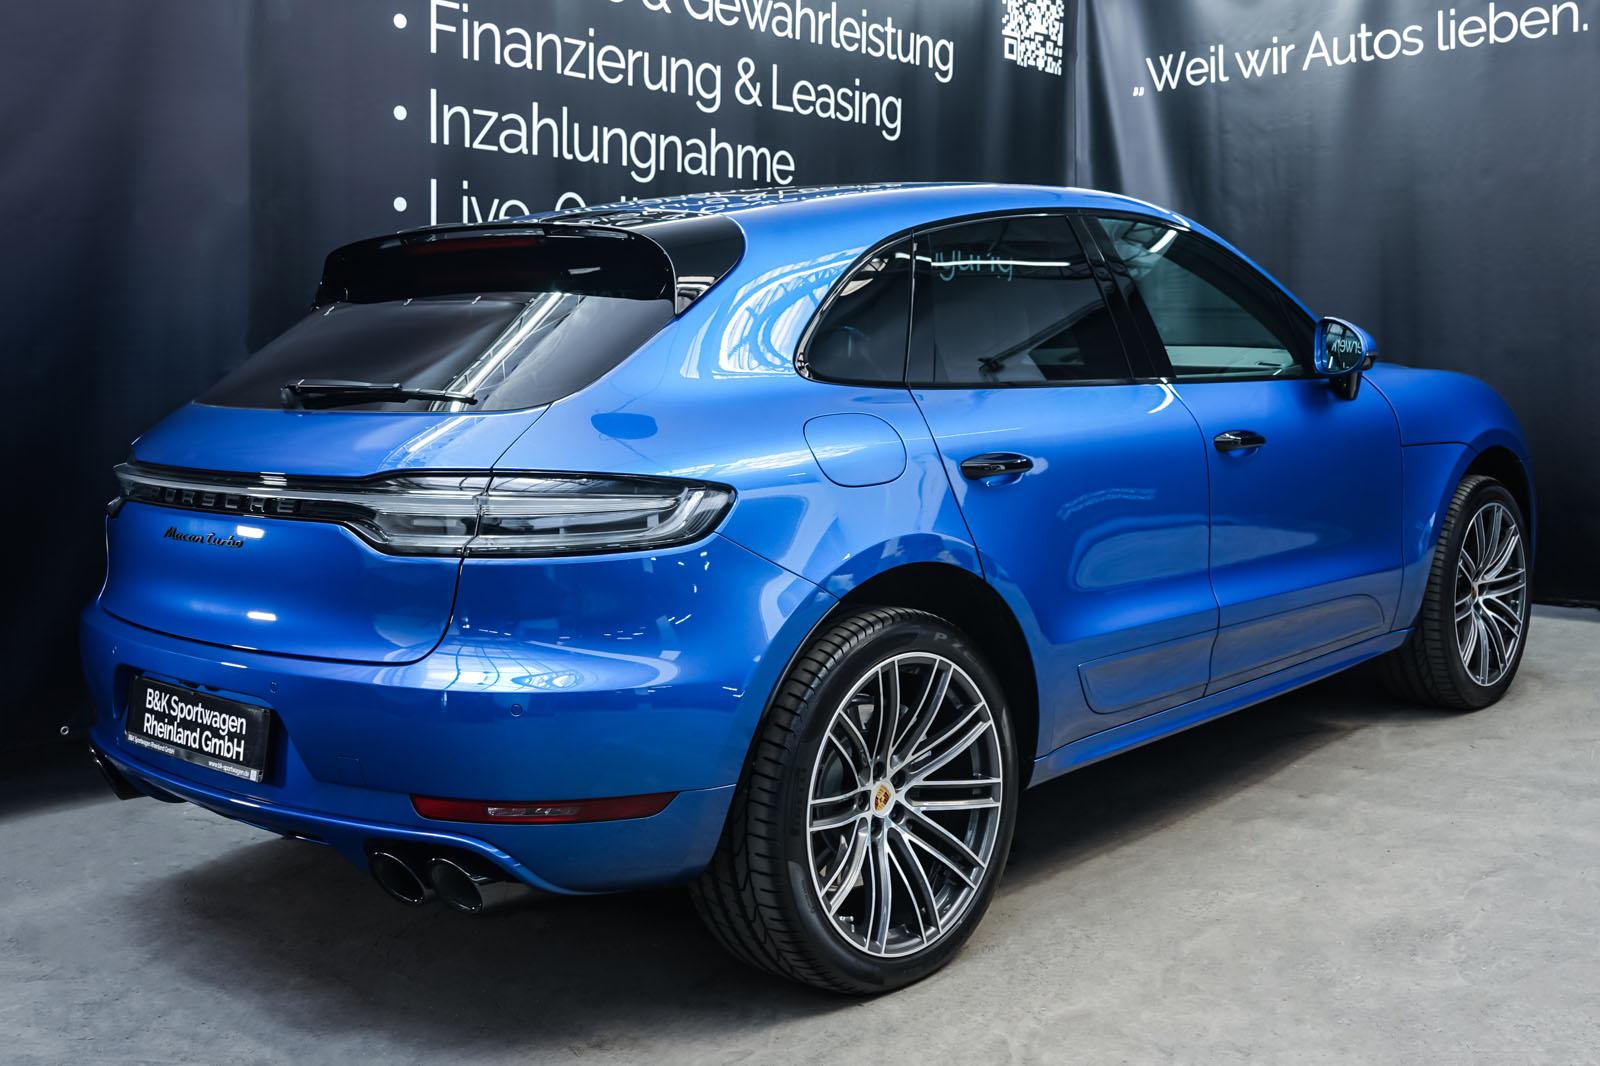 Porsche_Macan_Turbo_Blau_Weiß_POR-2038_17_w